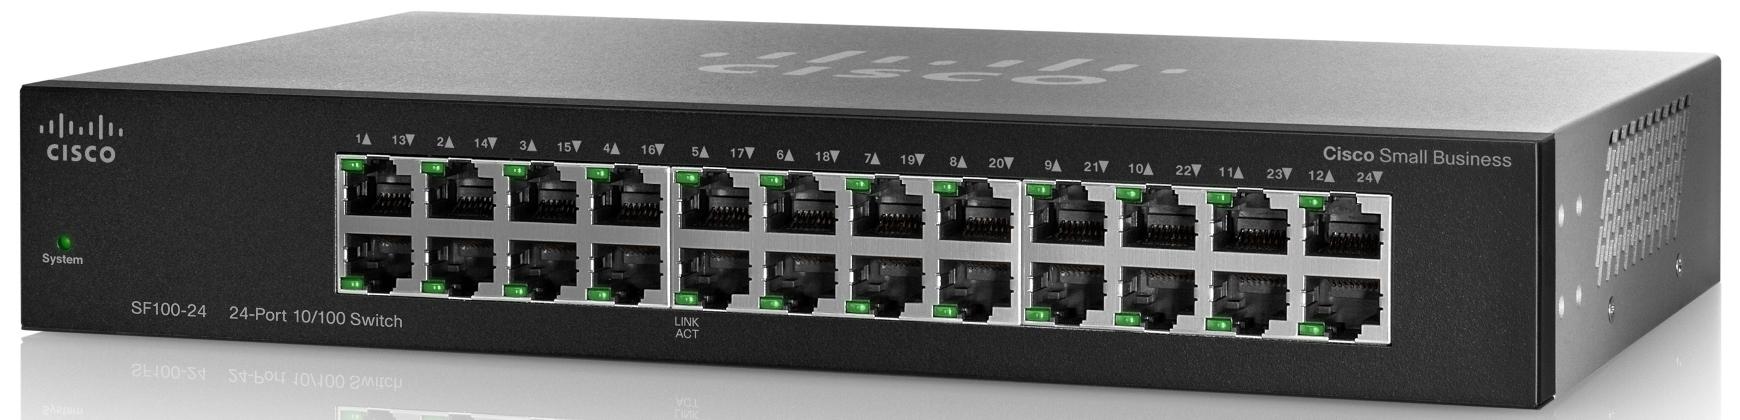 Cisco SF100-24, 24x10/100 Rack Switch, SF100-24-EU